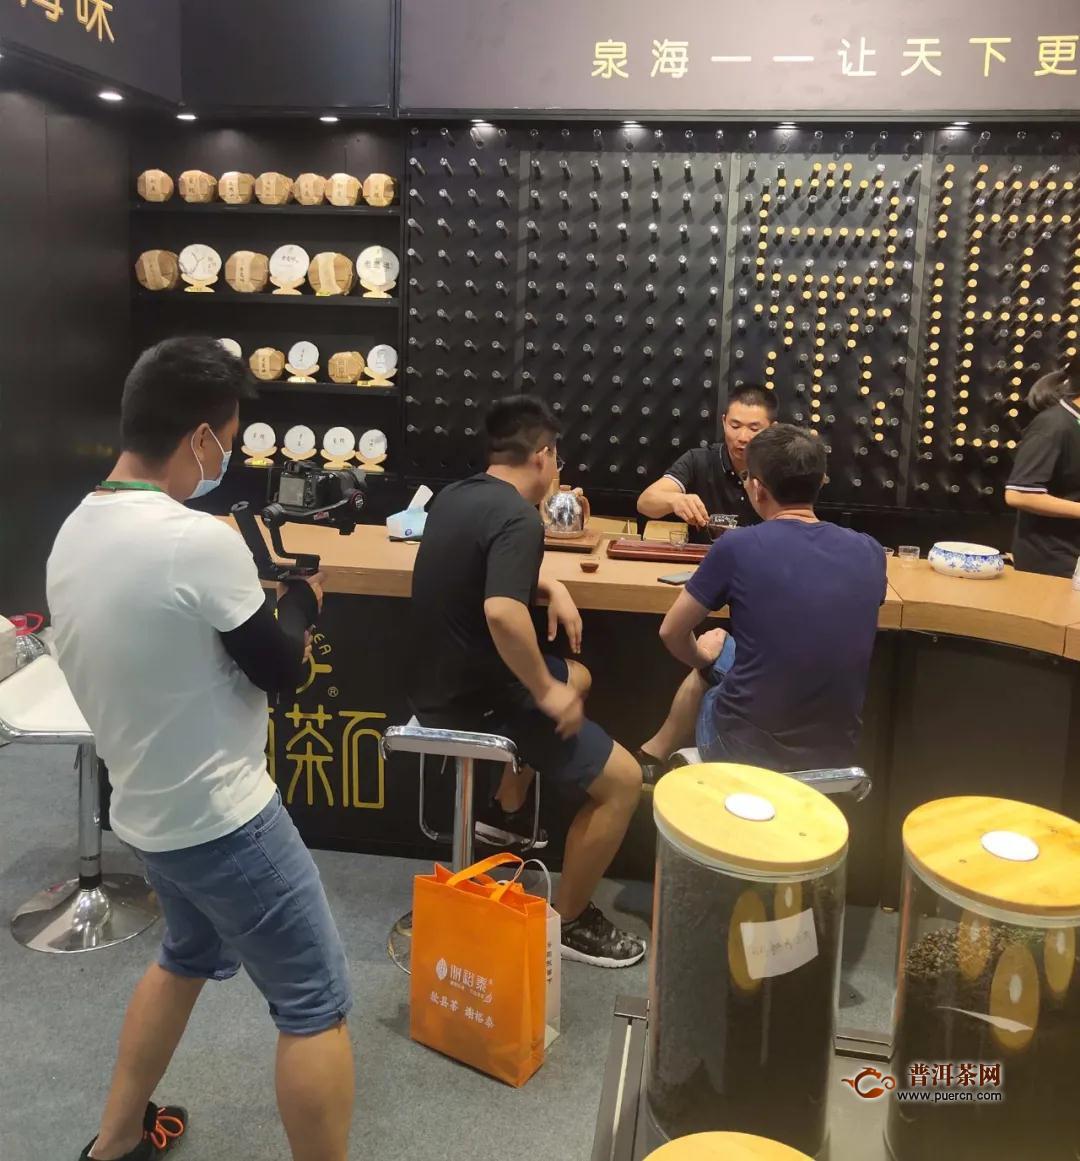 泉海茶业中国济南茶产业博览会火热进行中